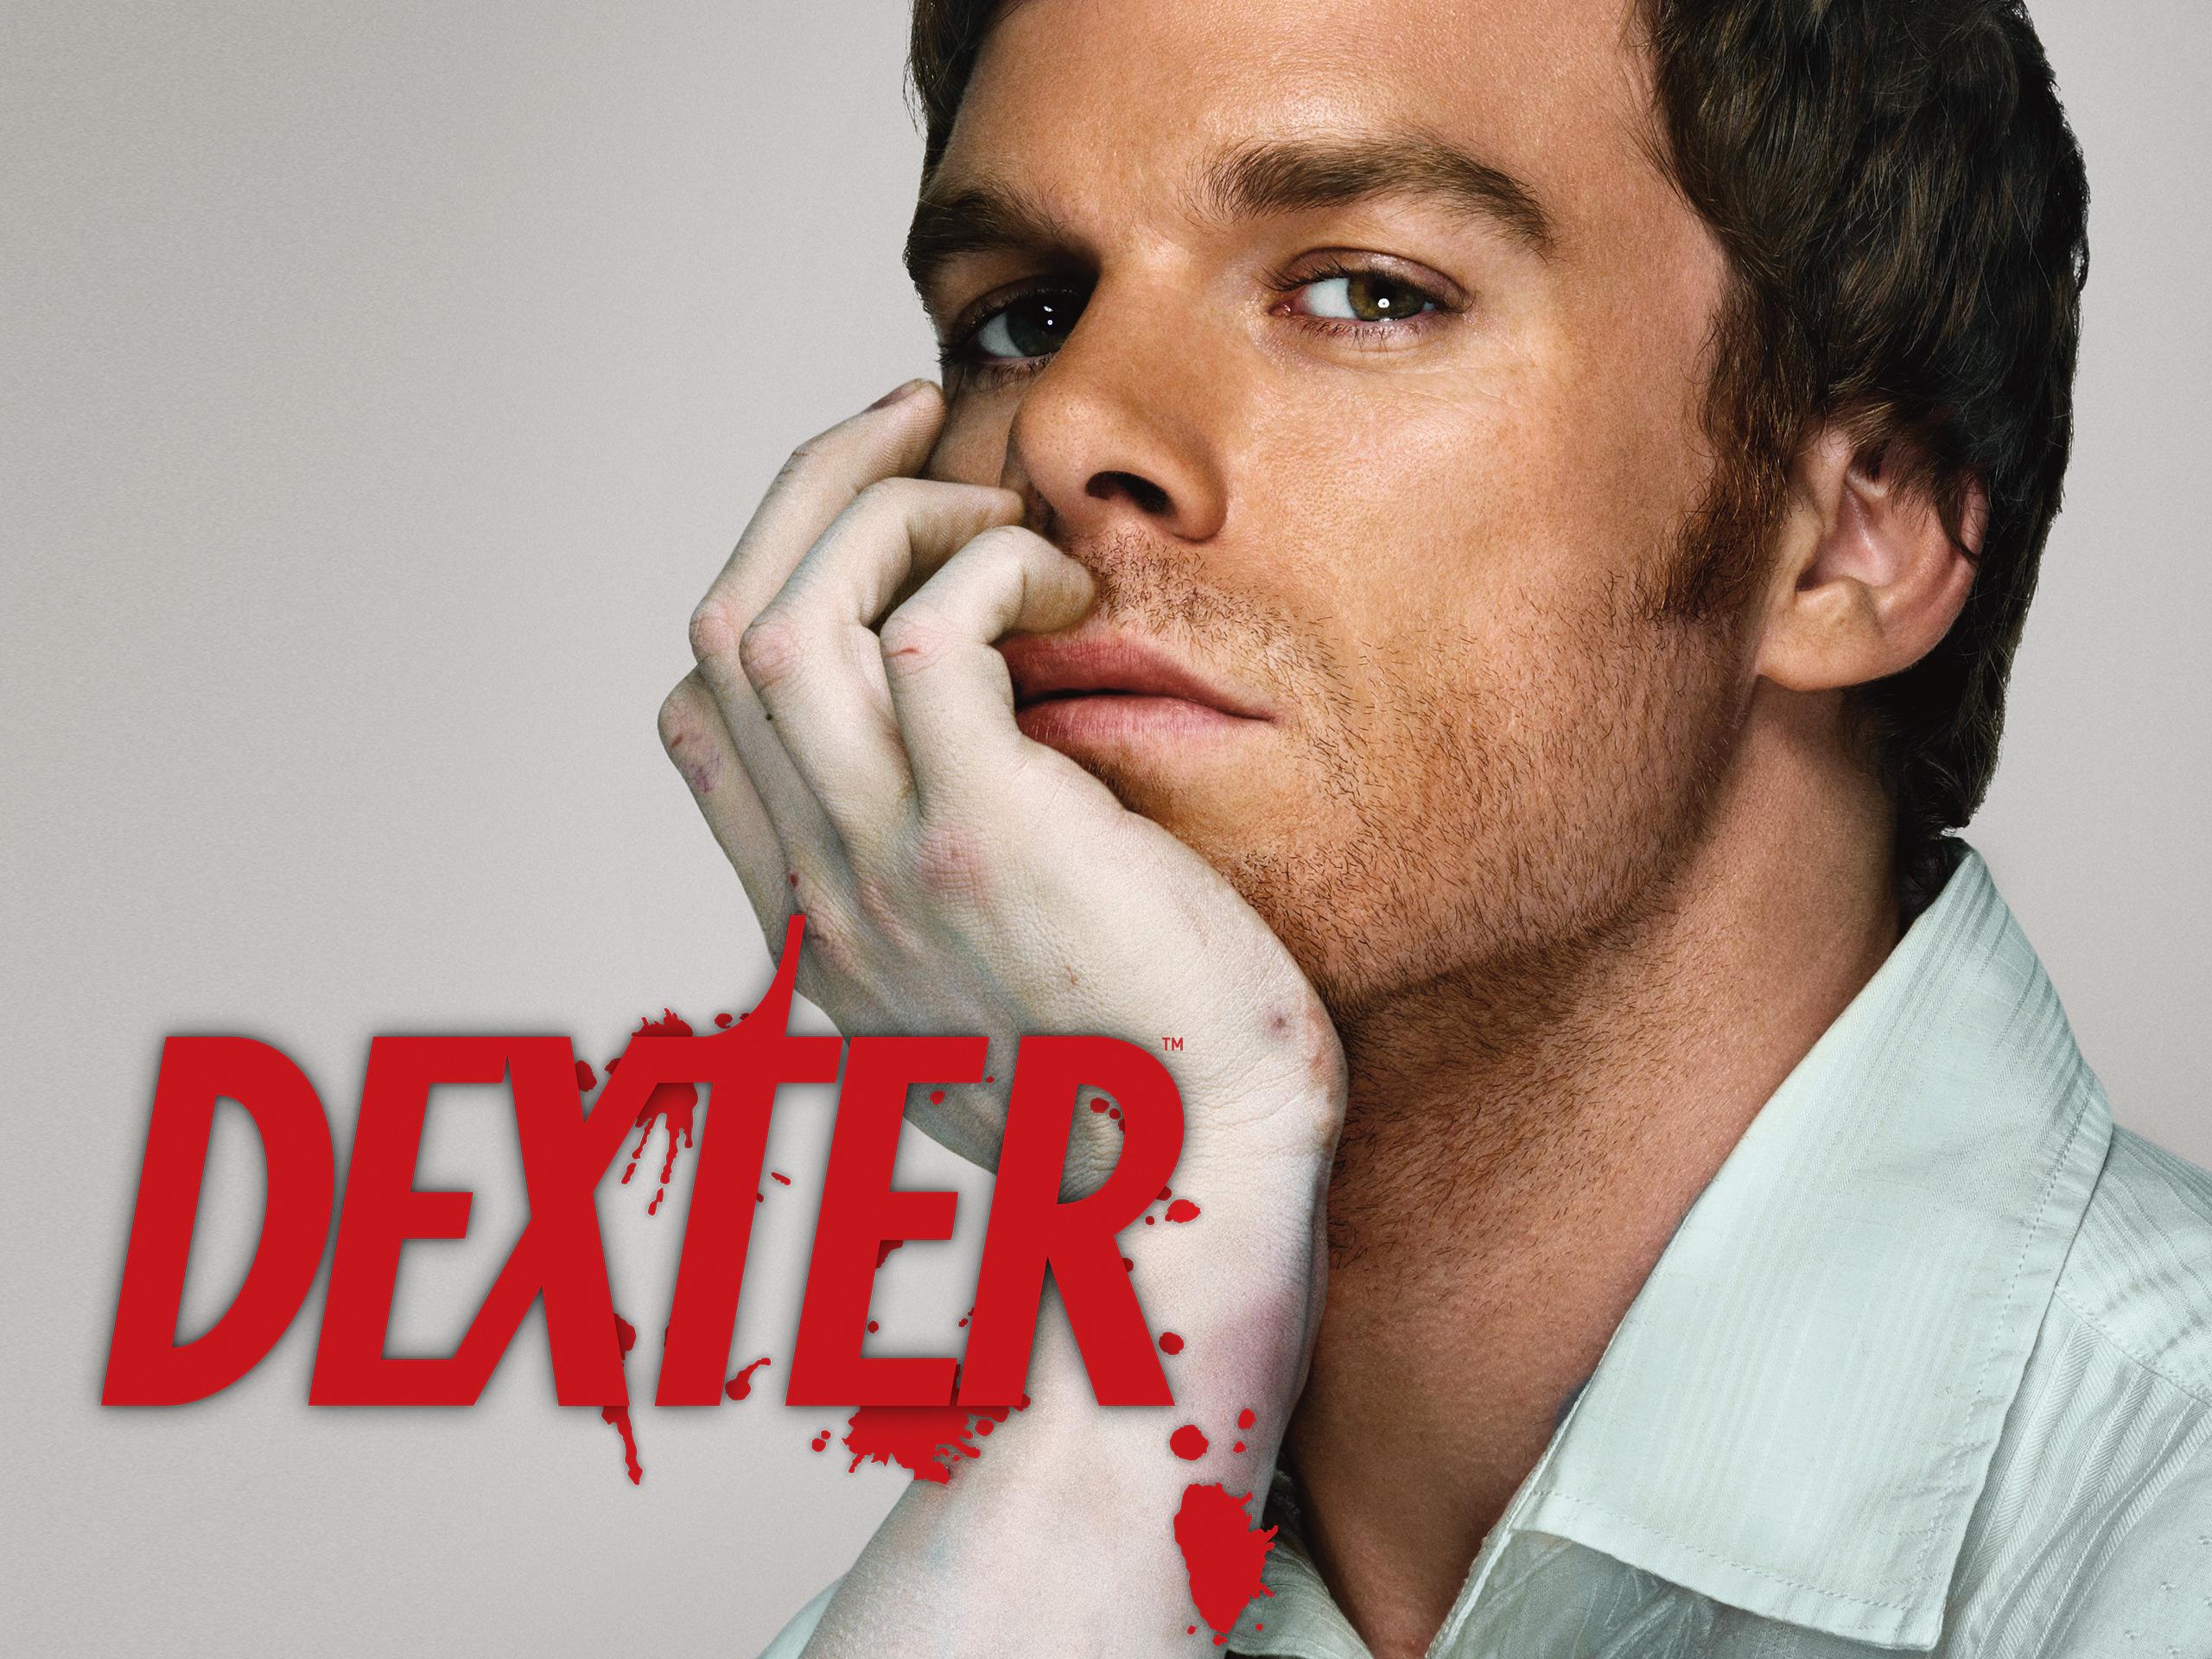 Dexter psychological thrillers